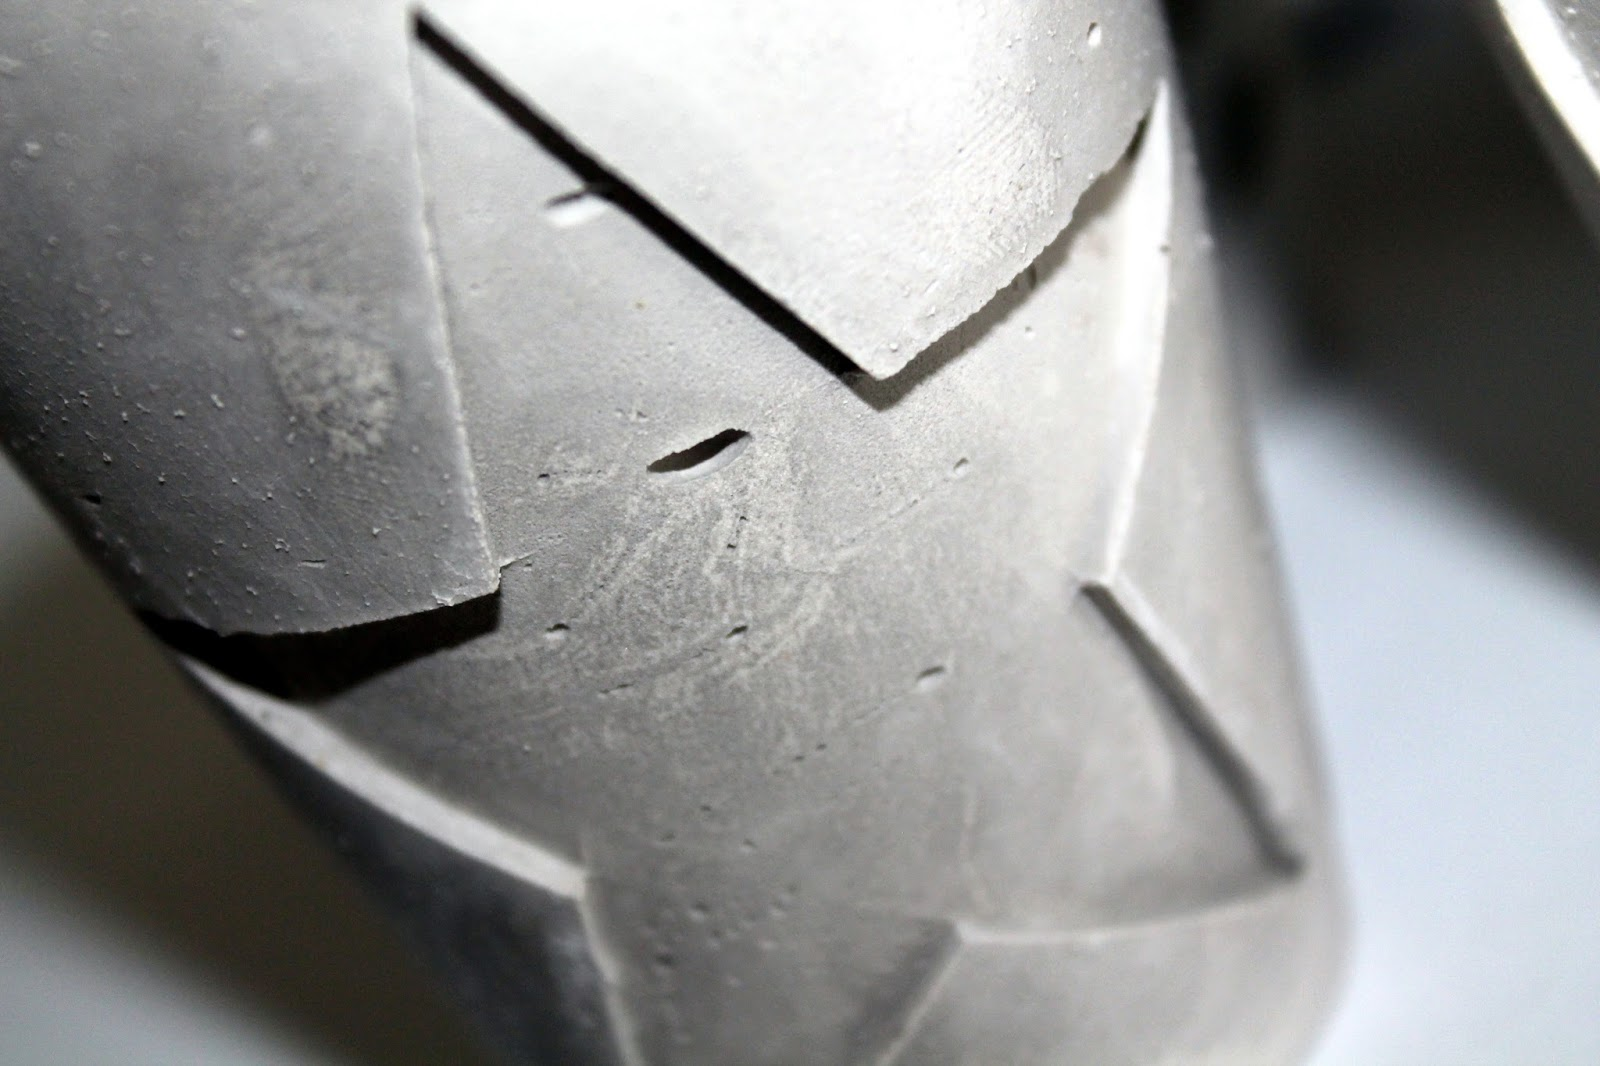 DIY, Basteln: Gips / Beton Teelichthalter Weihnachten in Weihnachtsdekoration - DIYCarinchen